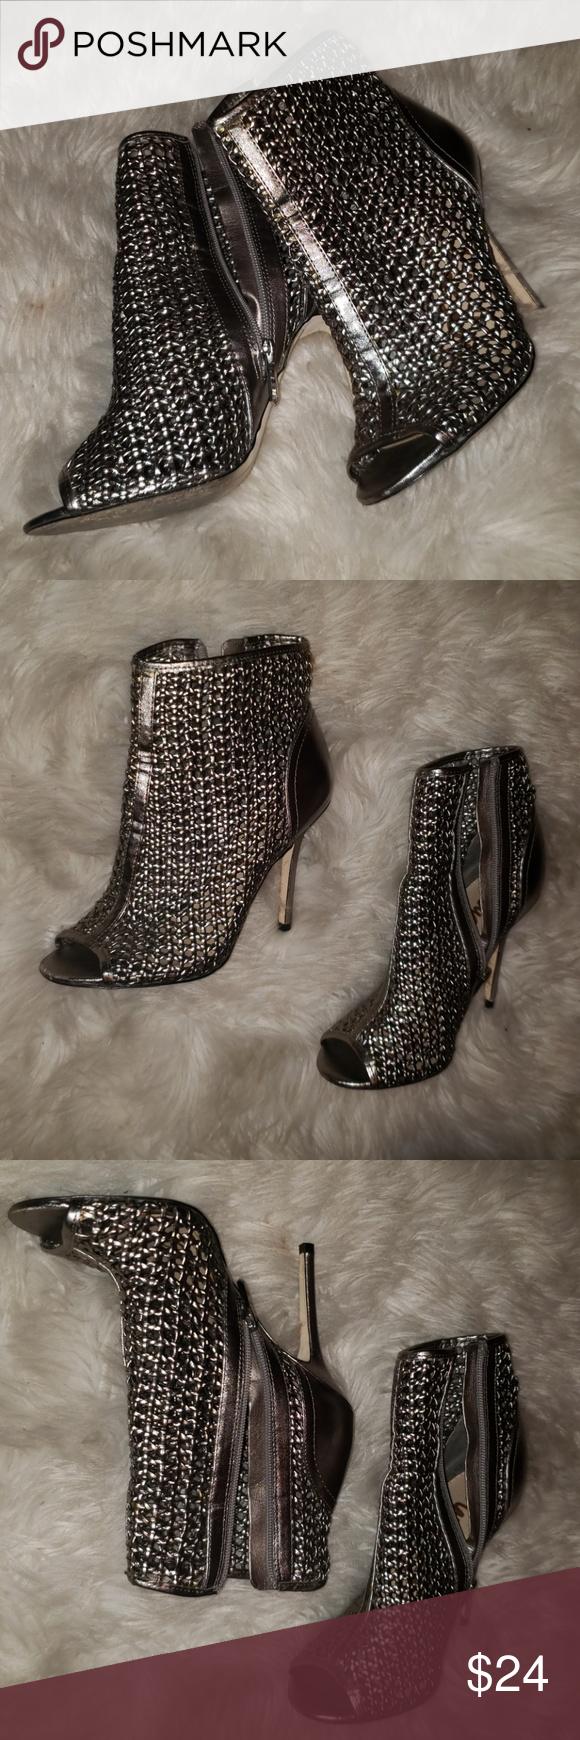 986deab16 Caged Sam Edelman Metallic Peep Toe Ankle Boots 👀 Caged Sam Pewter Edelman  Pewter Metallic